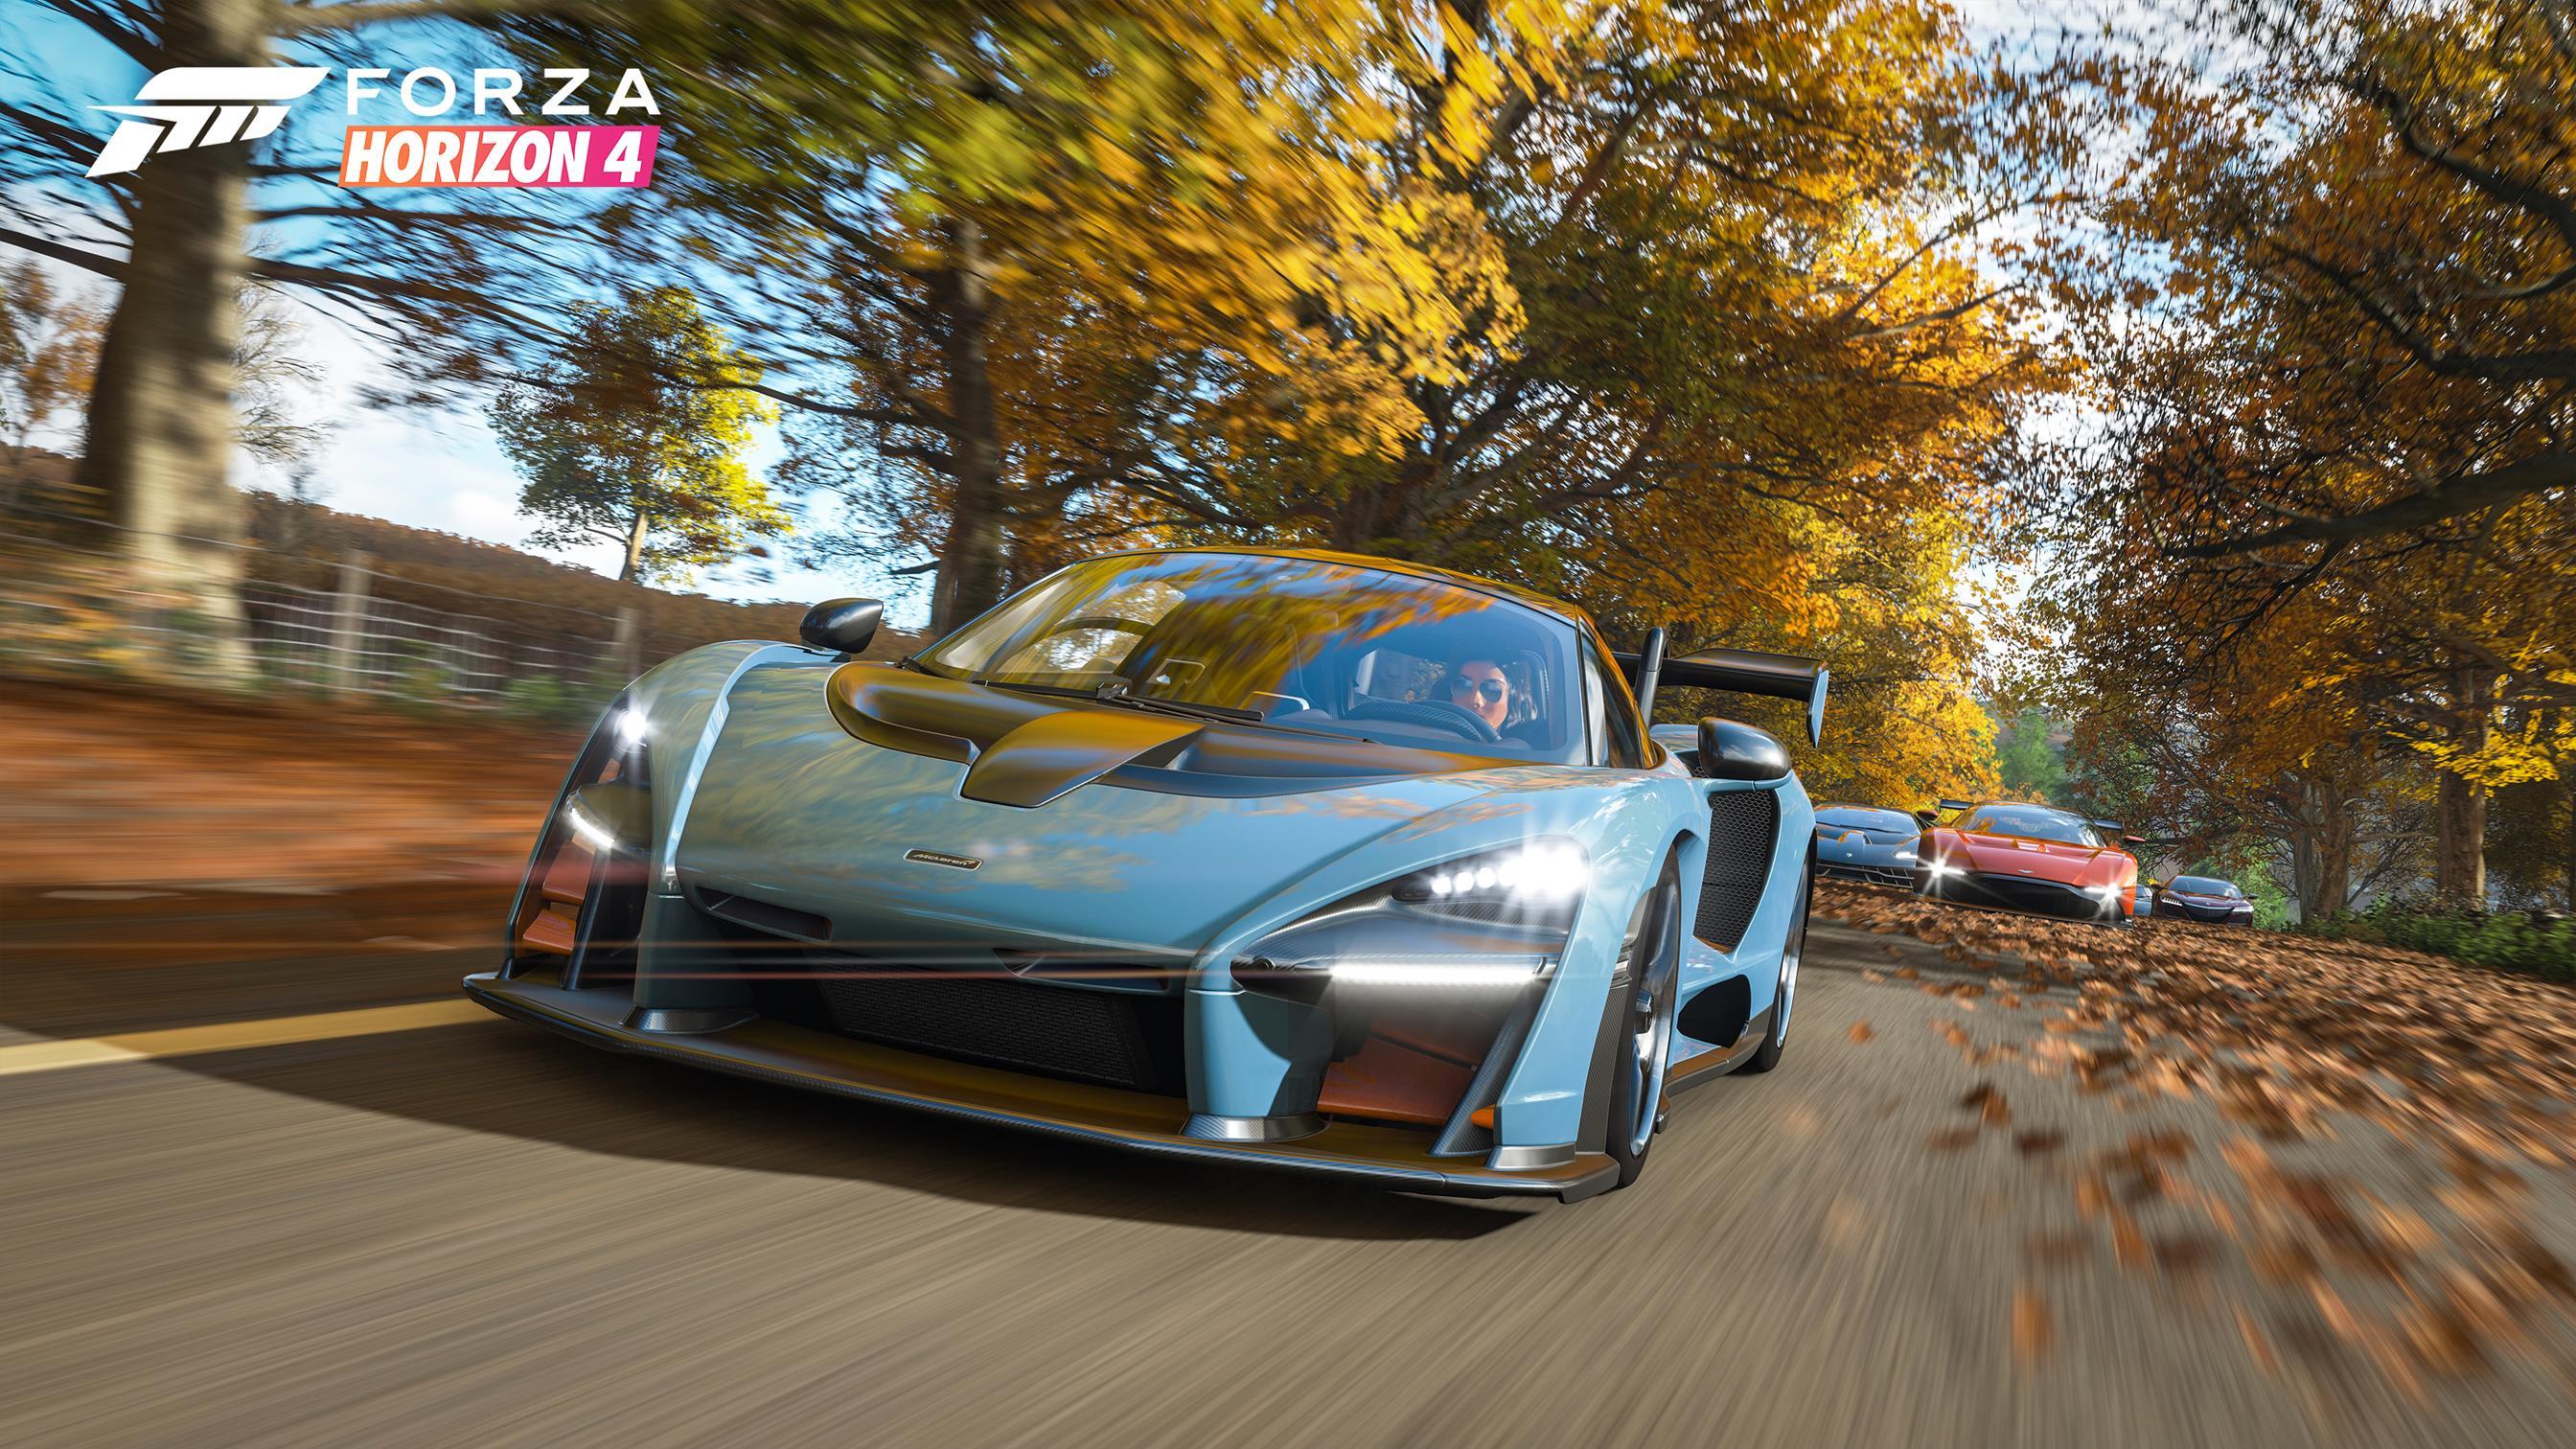 Forza Horizon 4: on ay sonra, Playground Games'in yarışçısı Xbox One'ın tek özel şaheseri 2